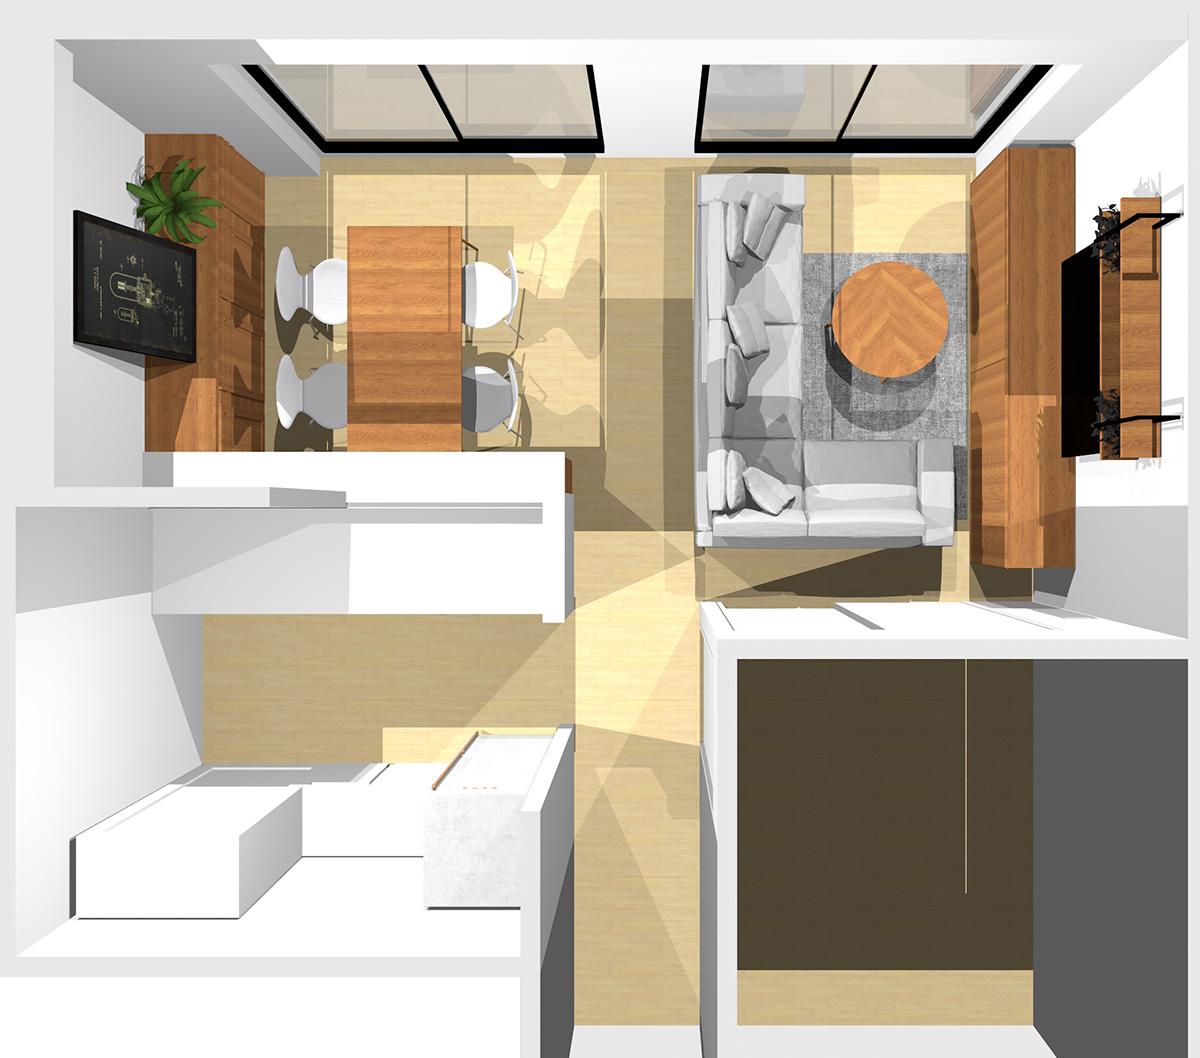 ①②③に家具、通路にコーナーソファを置いた横長リビング